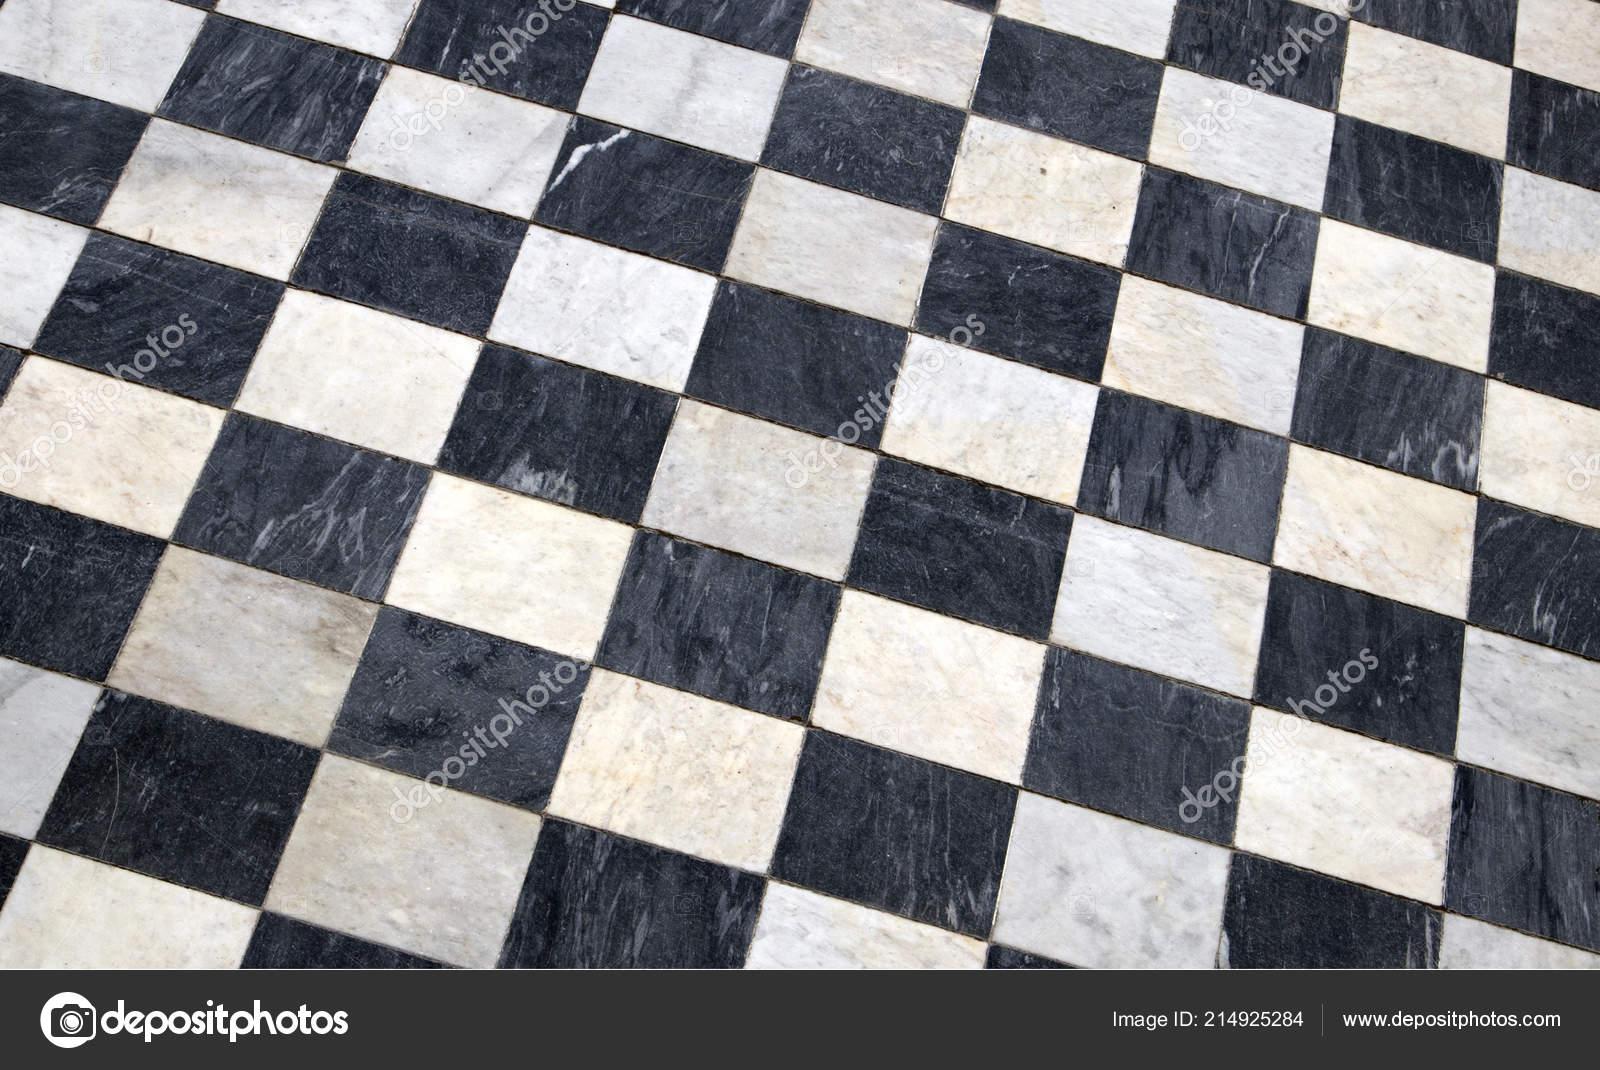 Antique Carreaux Sol Marbre Fond Carrelage Noir Blanc Vue Diagonale ...